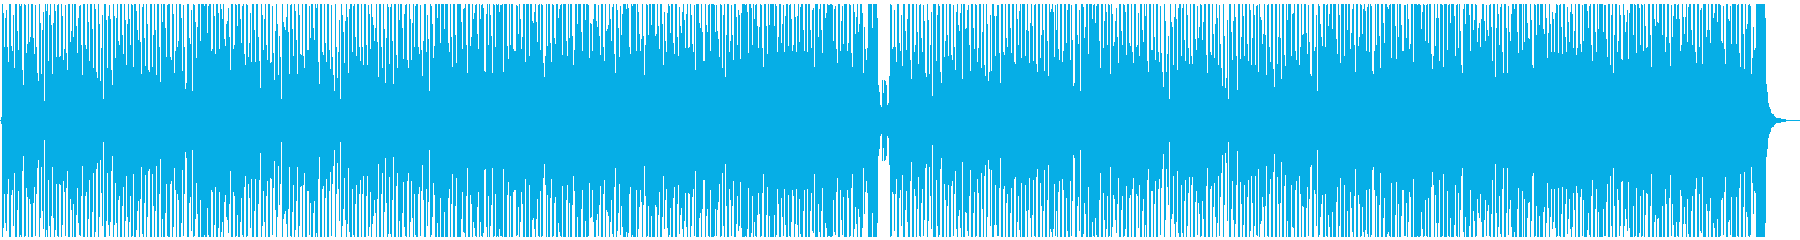 ハッピー&ポップな曲の再生済みの波形